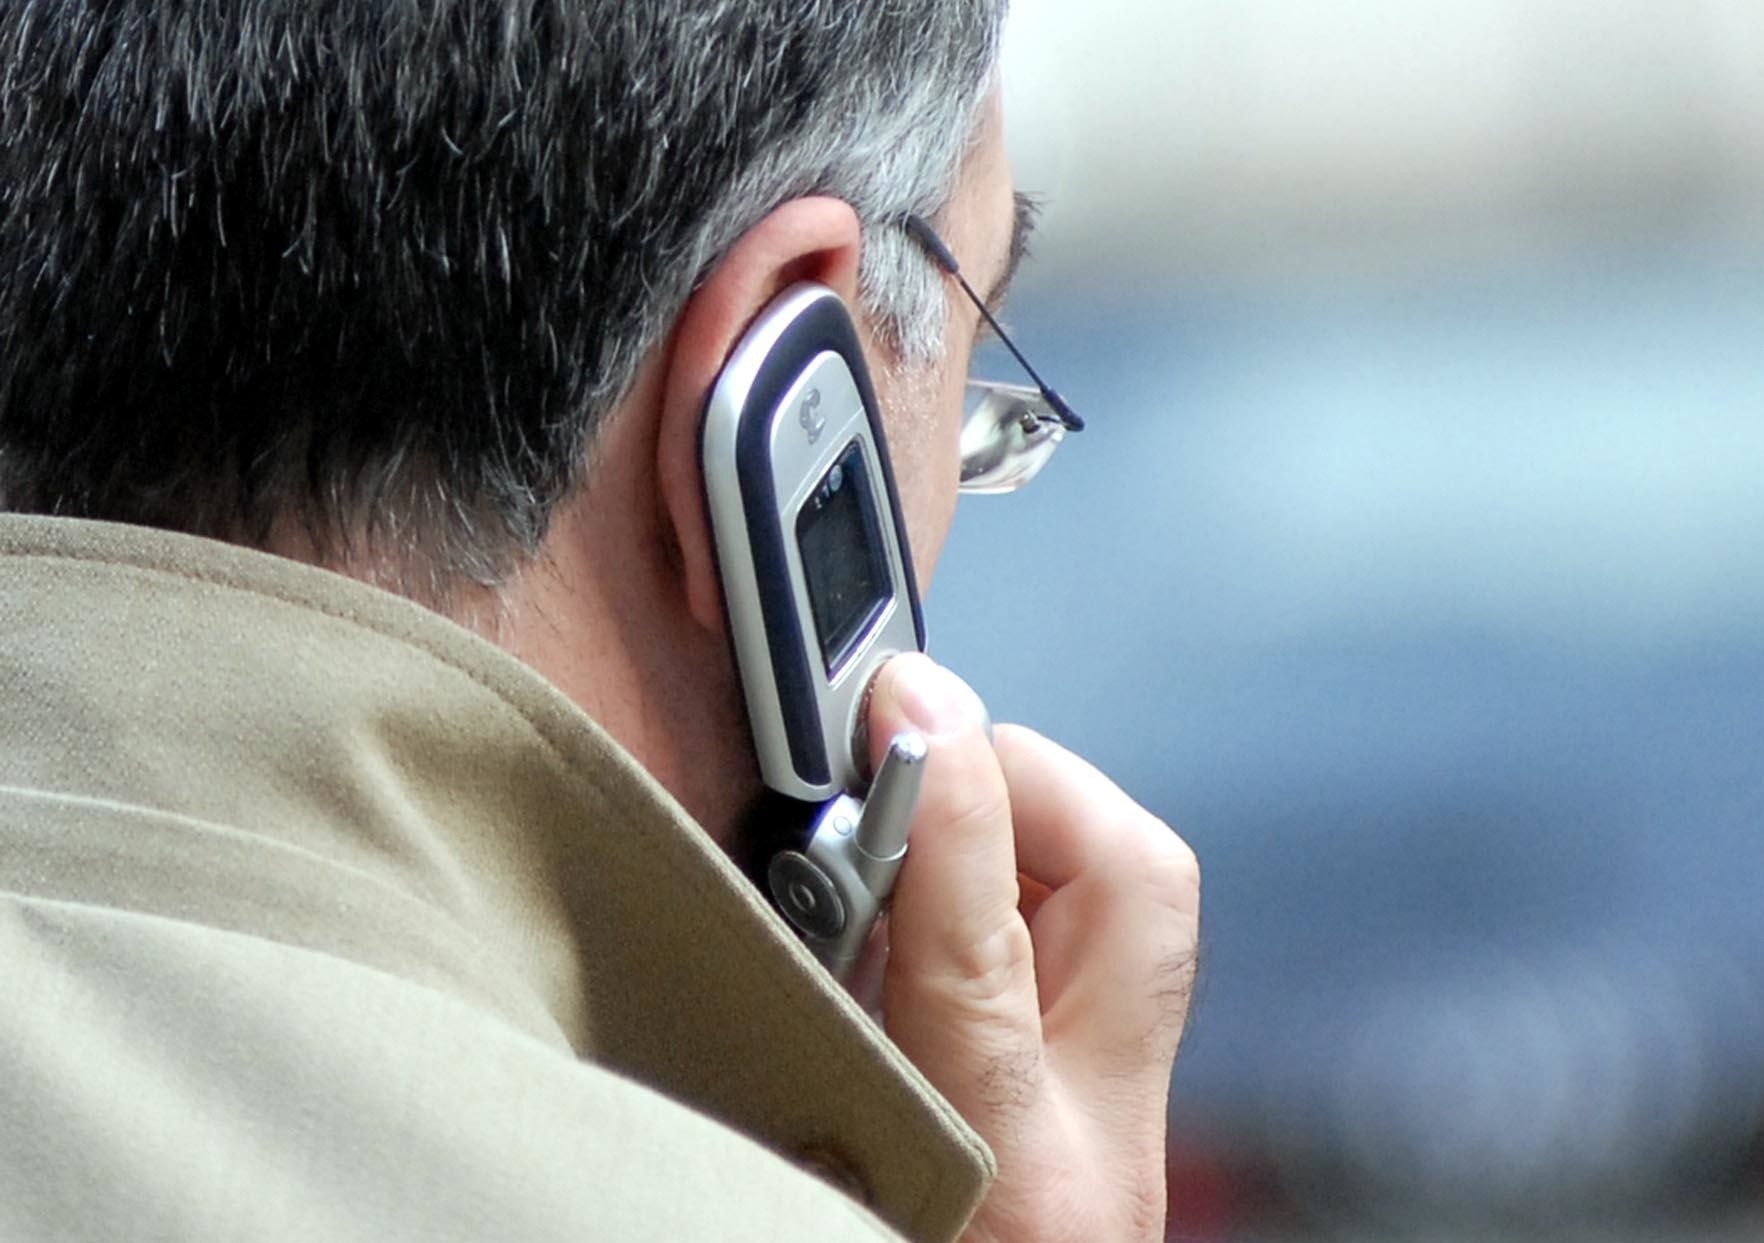 Cellulari e salute. Nuovo studio shock: le telefonate danneggiano la memoria